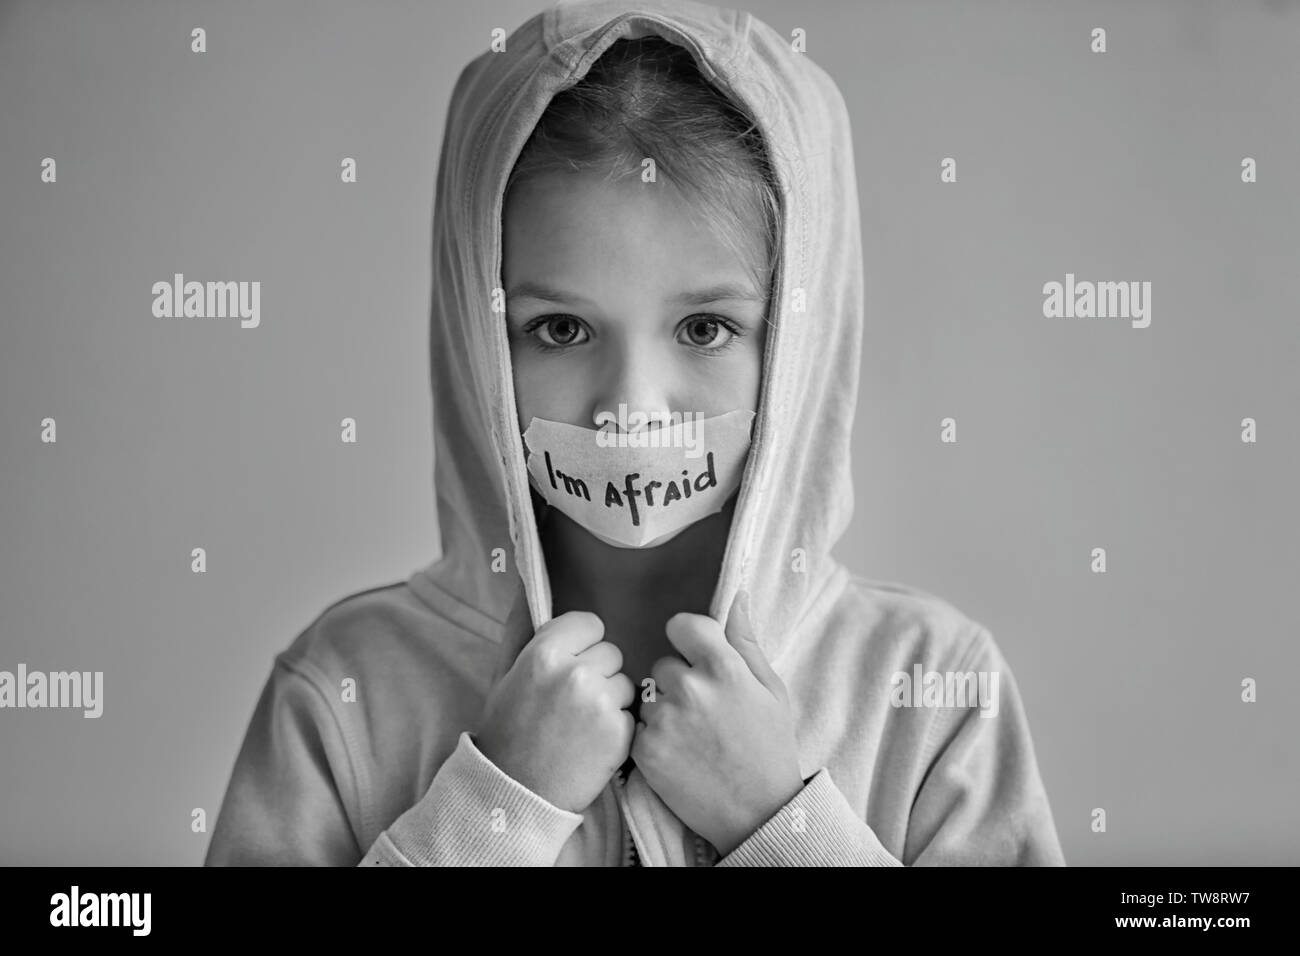 """Trauriges kleines Mädchen mit Getapten Mund und die Worte 'Ich bin auf grauem Hintergrund Angst"""", Schwarzweiß-Effekt Stockbild"""